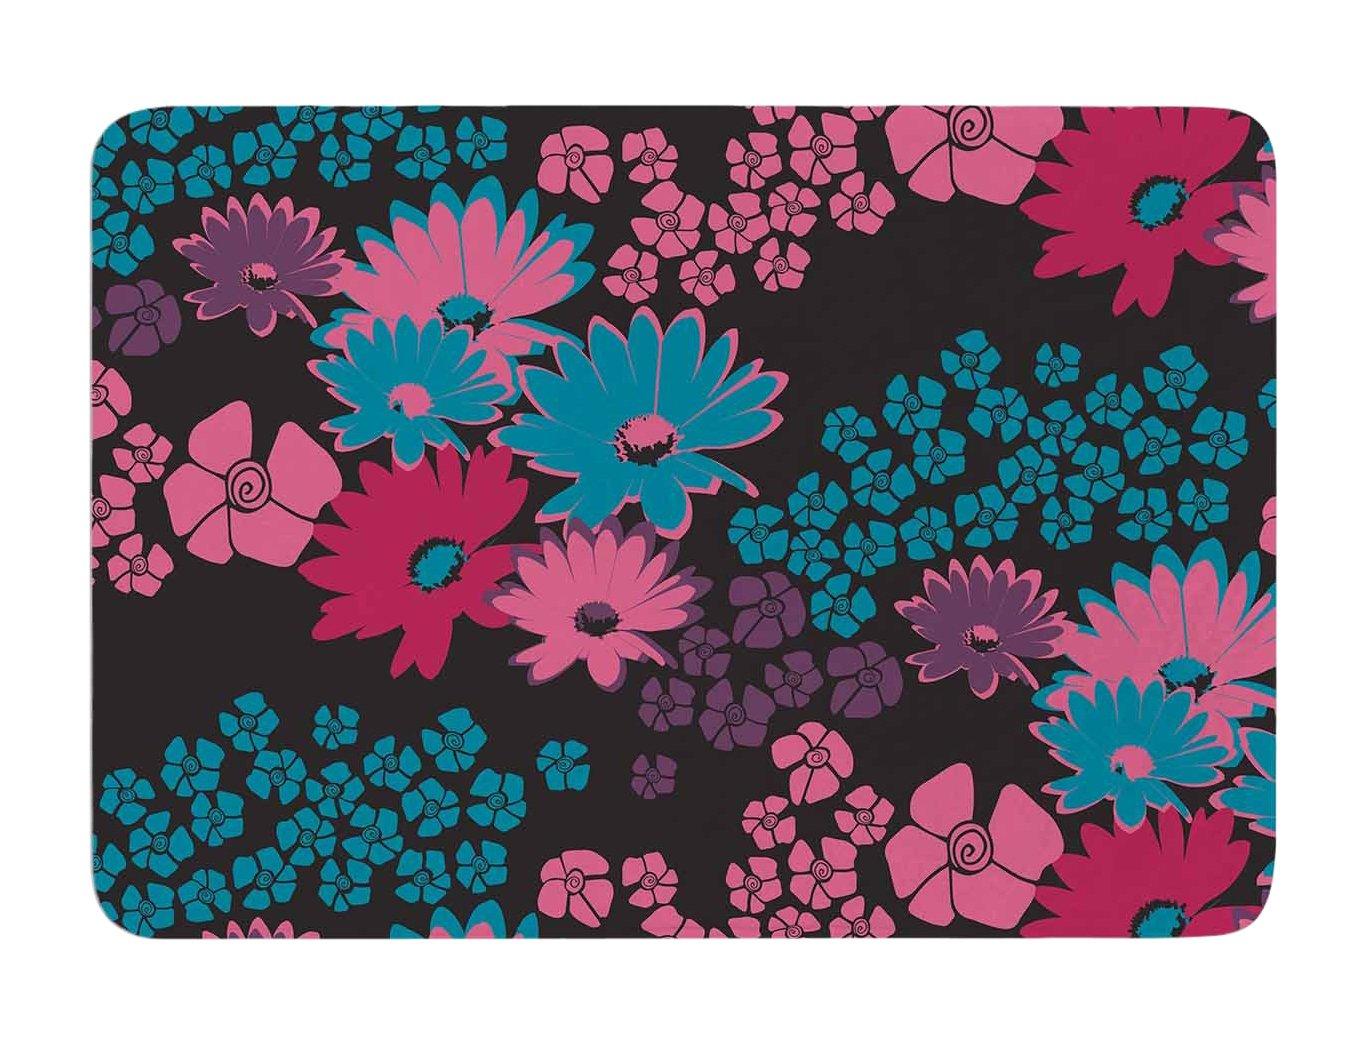 Kess InHouse Zara Martina Mansen Berry Color Bouquet Teal Pink Memory Foam Bath Mat 24 by 36-Inch 24 X 36